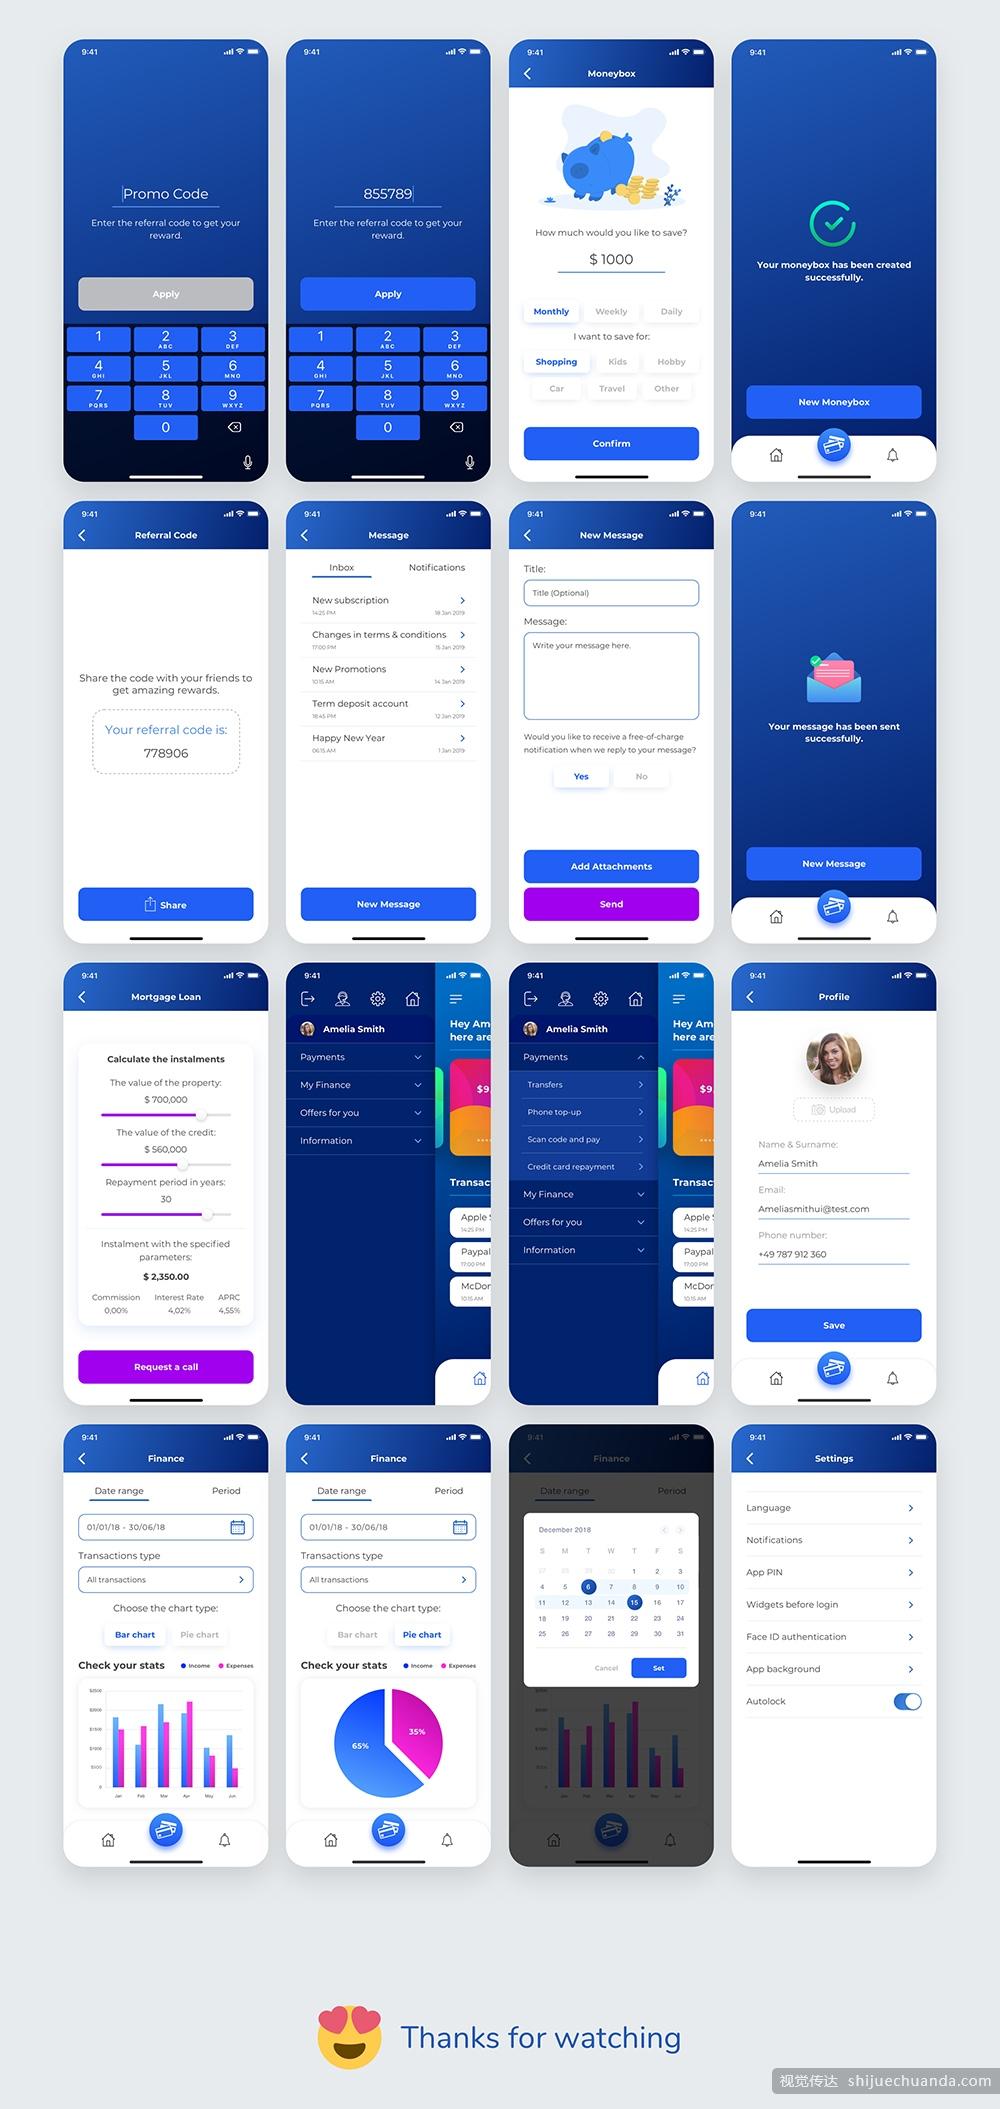 现代全面支付钱包应用UI界面设计工具包 Payment App UI Kit插图(2)